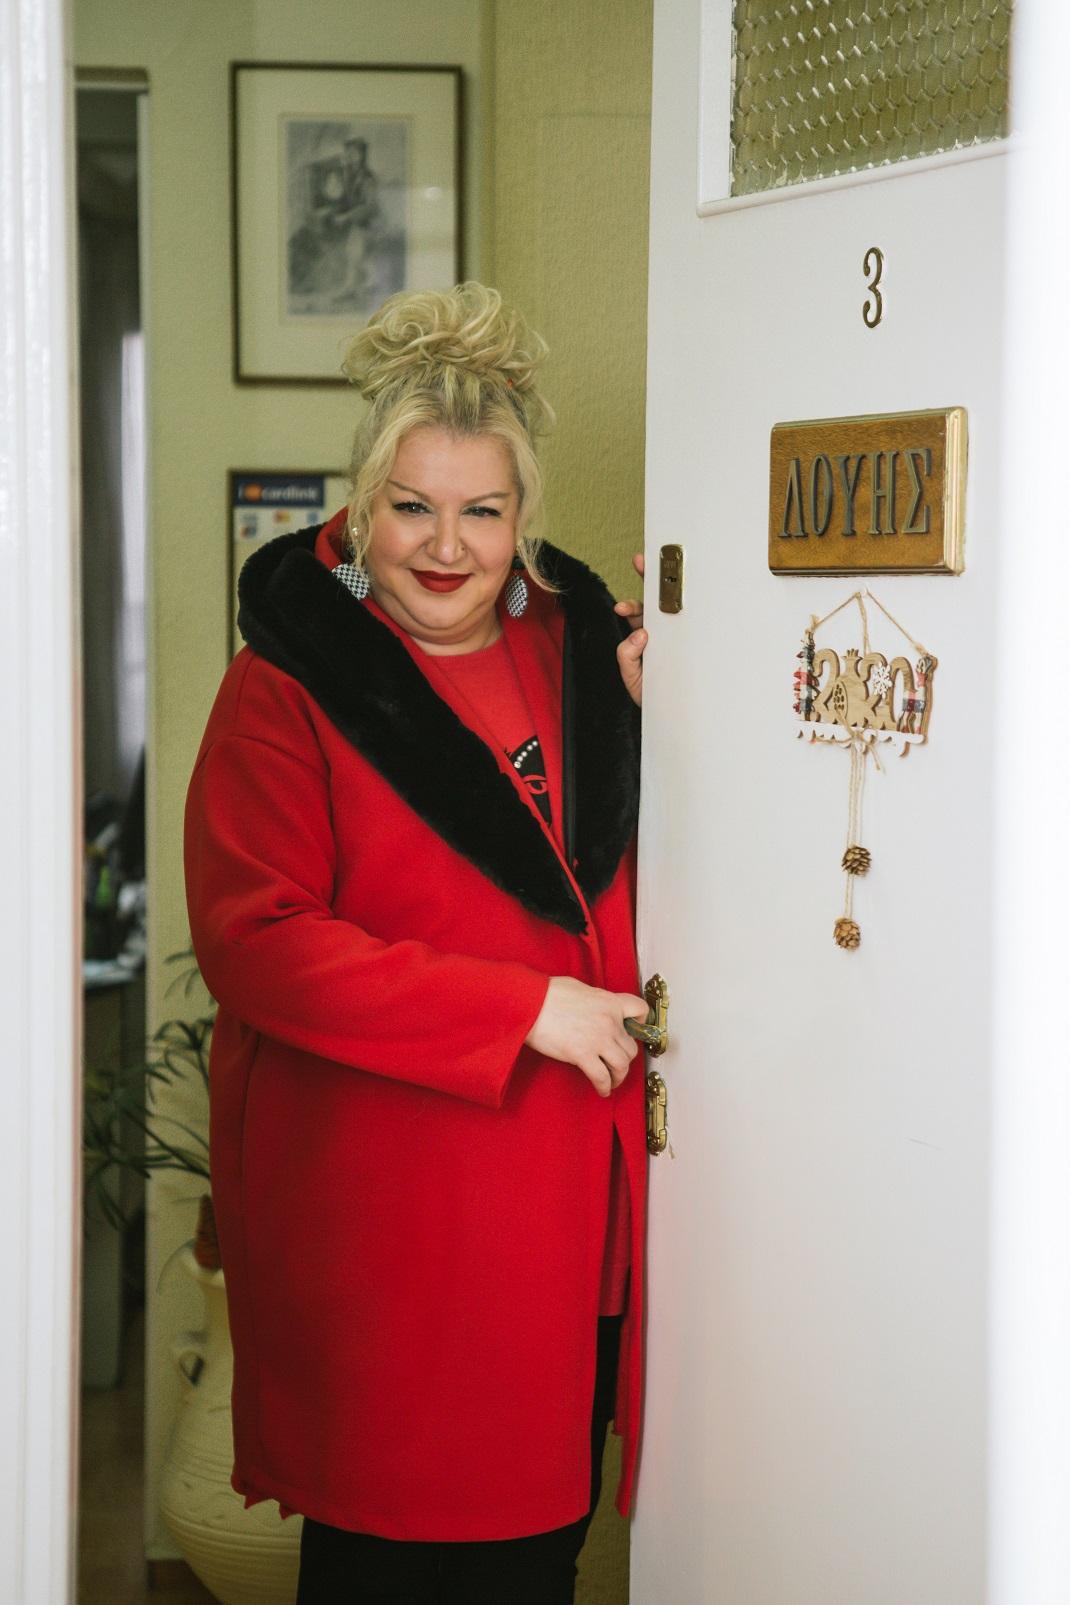 Η Κατερίνα Λούης φορά κόκκινο παλτό και ακουμπά την πόρτα